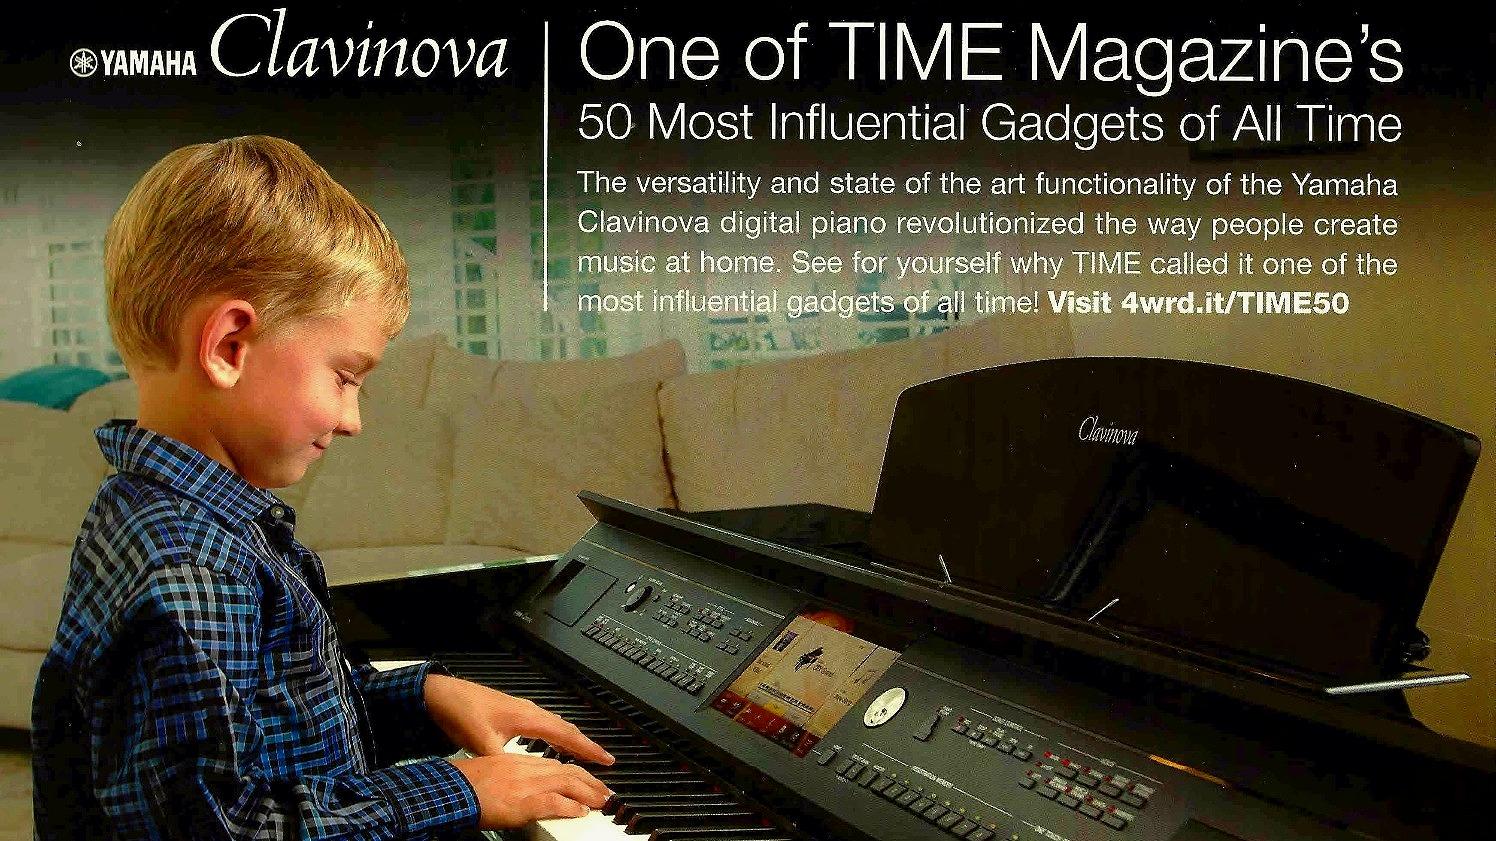 Yamaha Clavinova Digital